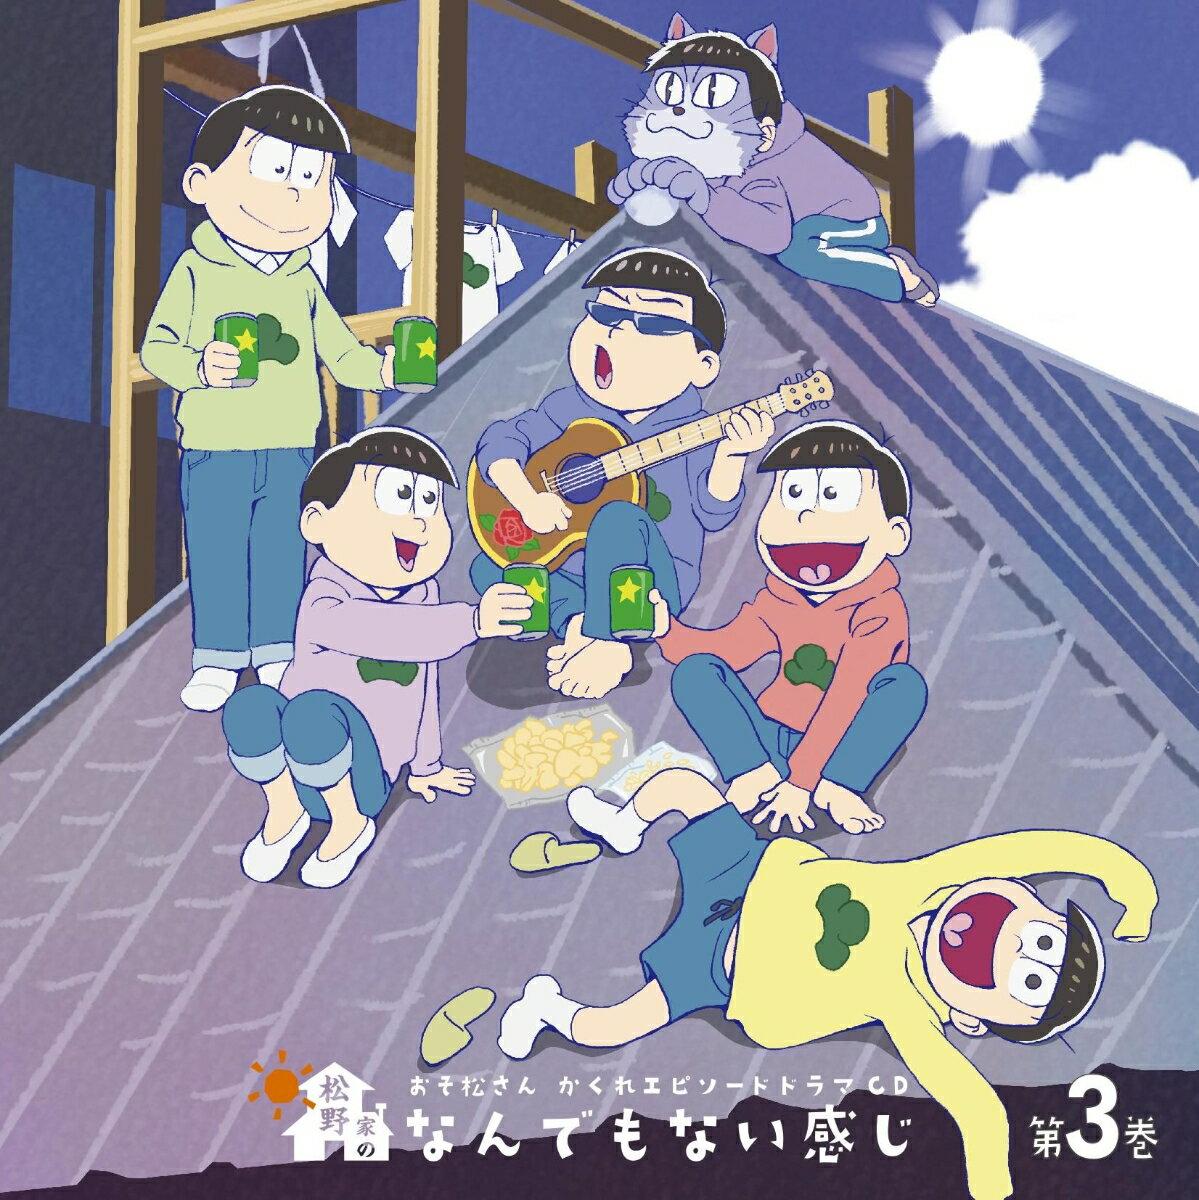 おそ松さん かくれエピソードドラマCD「松野家のなんでもない感じ」 第3巻画像